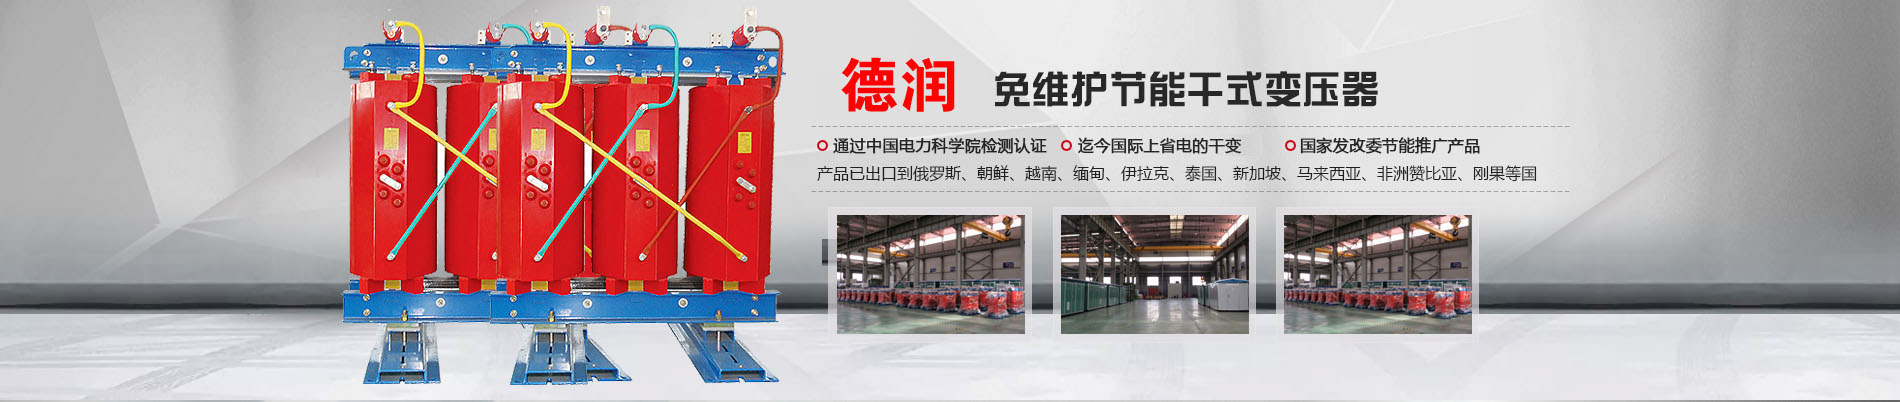 十堰干式变压器厂家